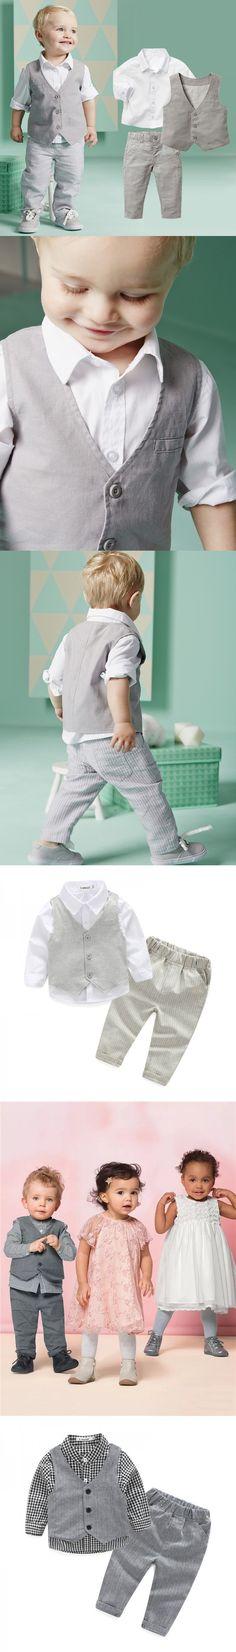 2016 retail Autumn Fashion Baby Boy Clothes 3pcs 0-24m baby clothes baby clothing set gentleman boys suit vest+white shirt+pants